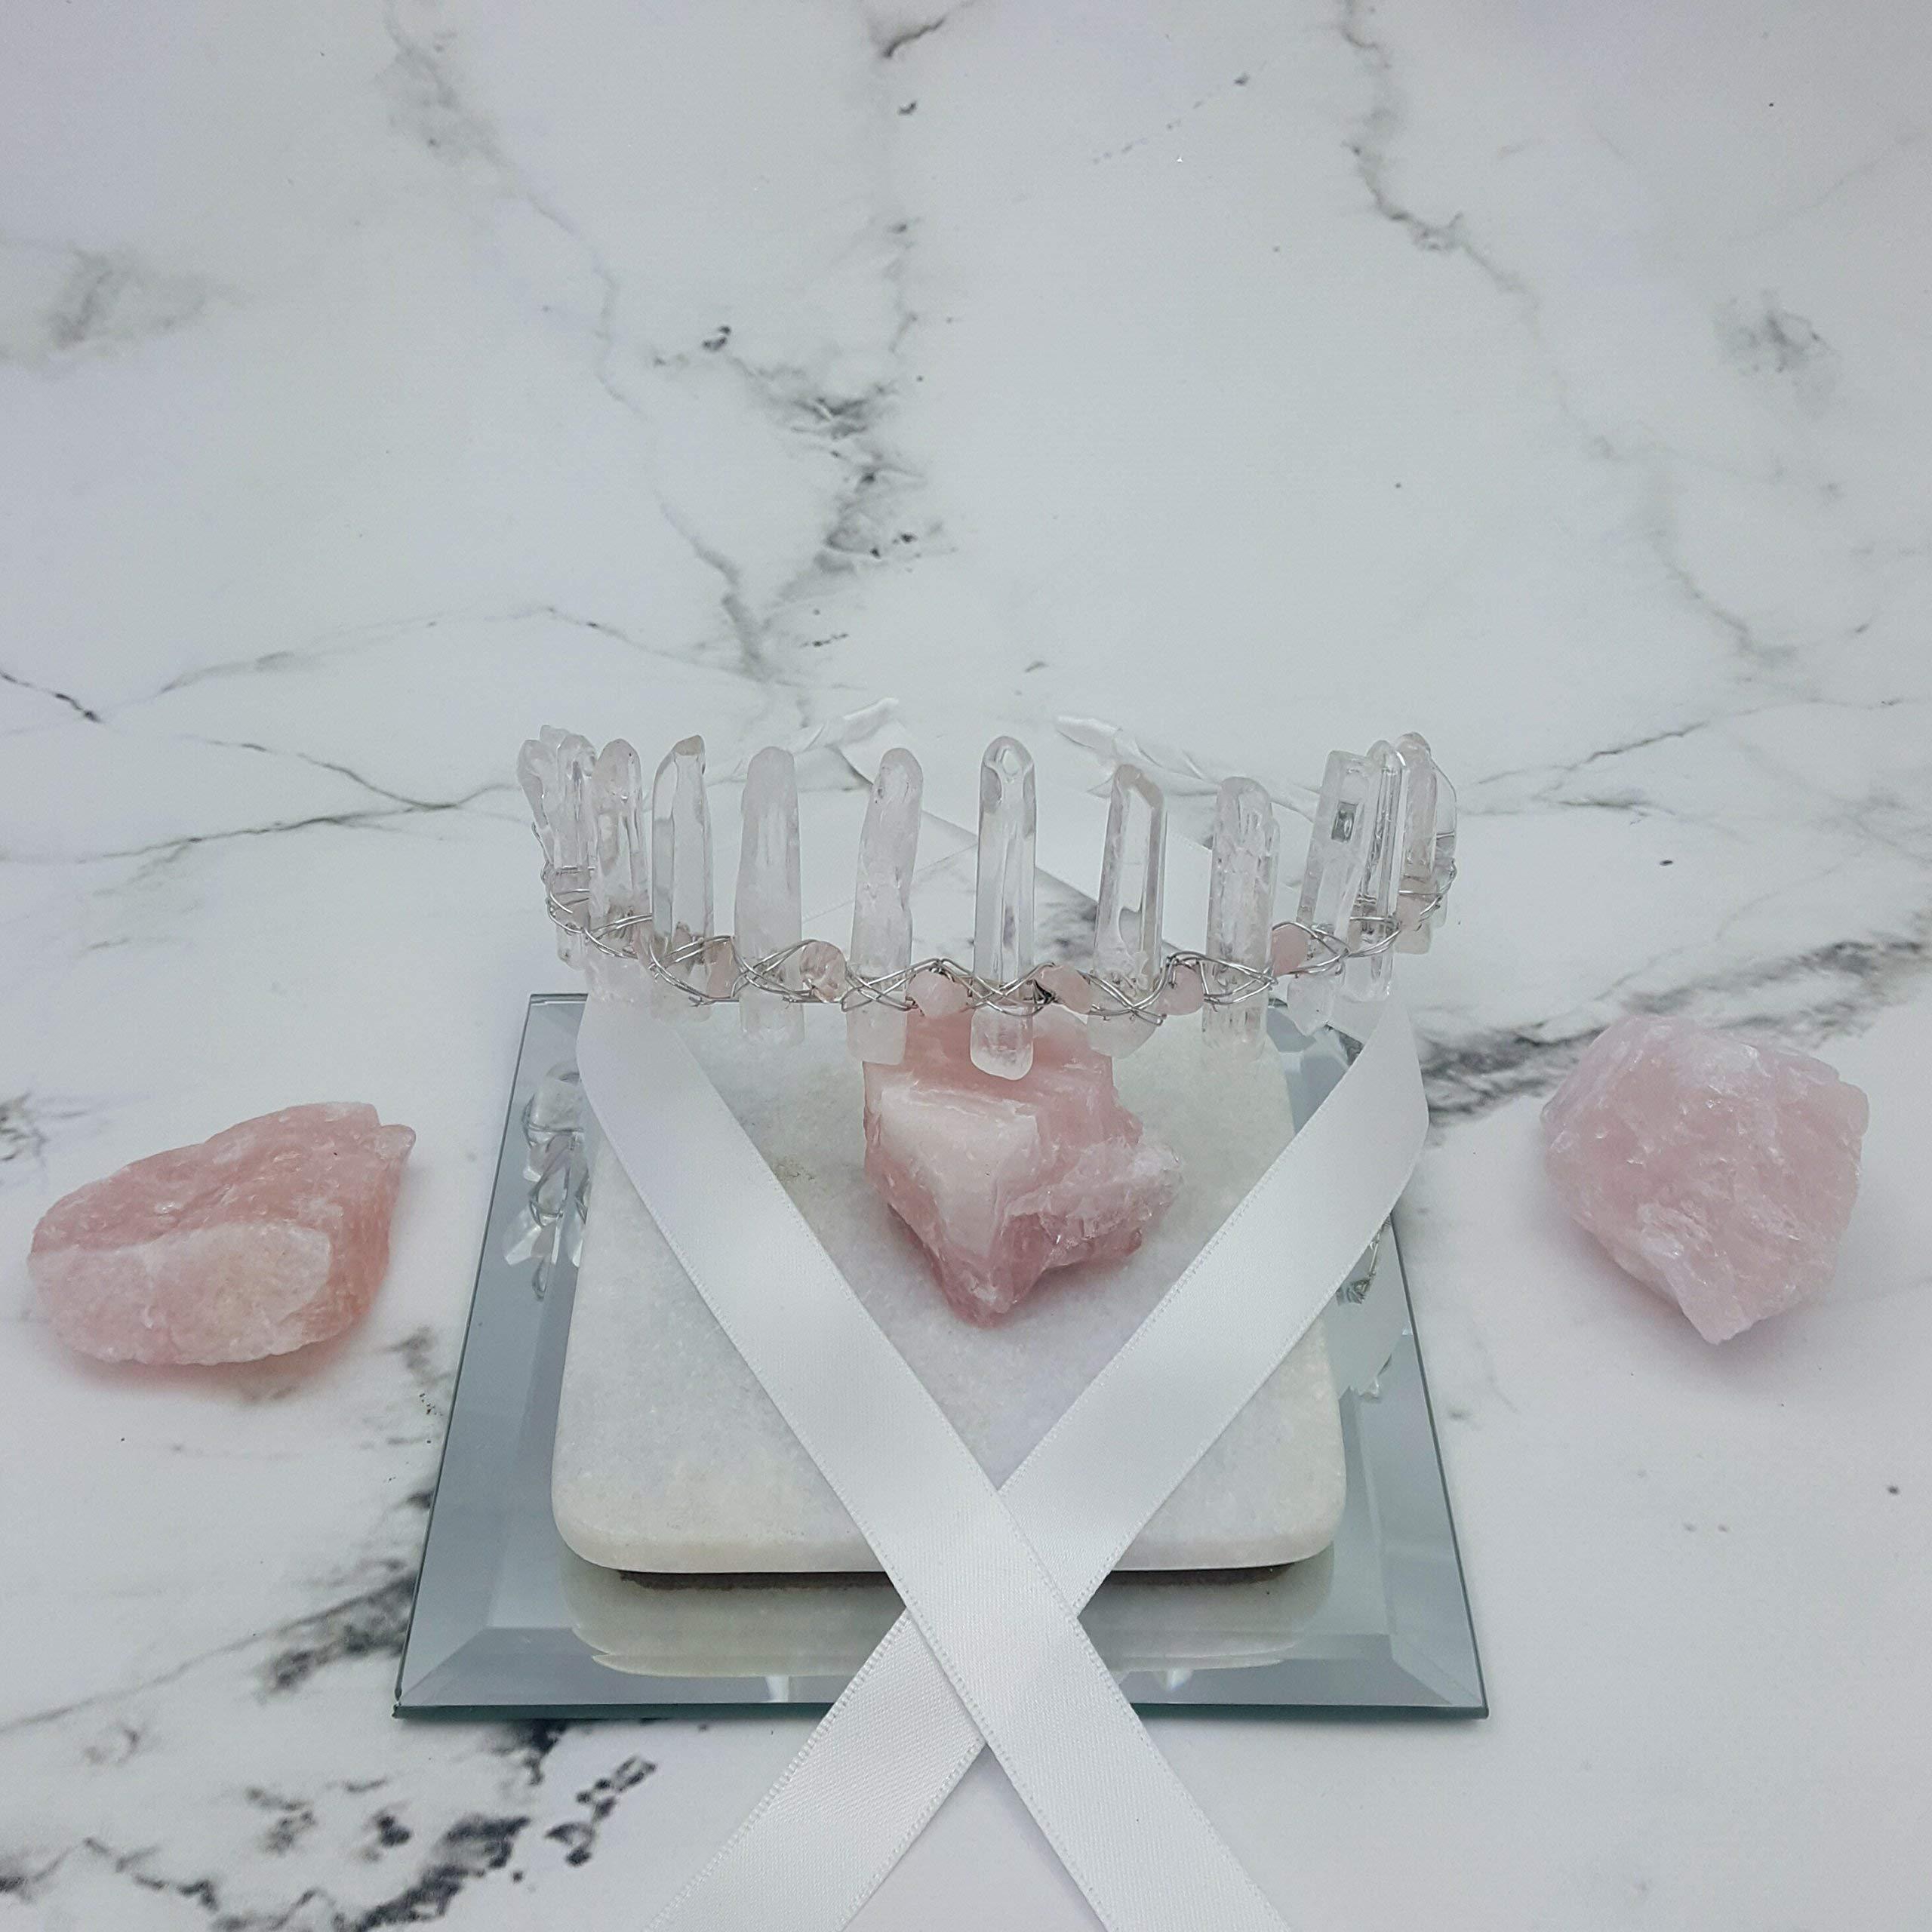 Queen of love quartz and rose quartz crystal crown